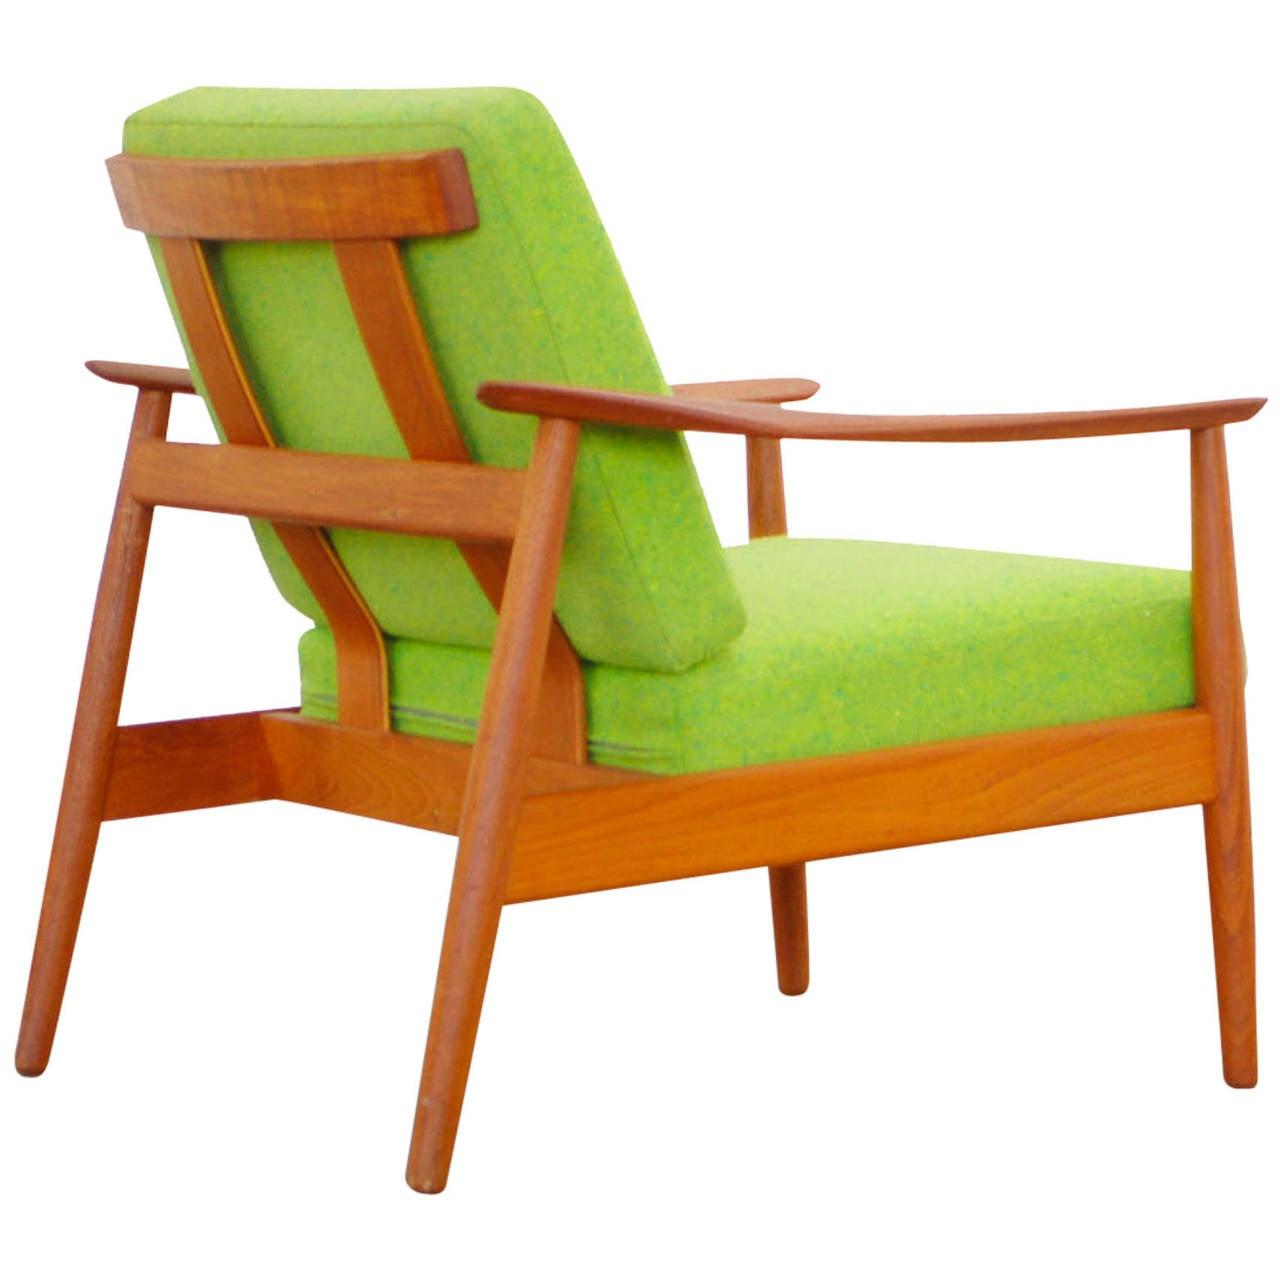 Teak easy chair by arne vodder for cado mod 164 danish modern design at 1stdibs - Danish design mobel ...